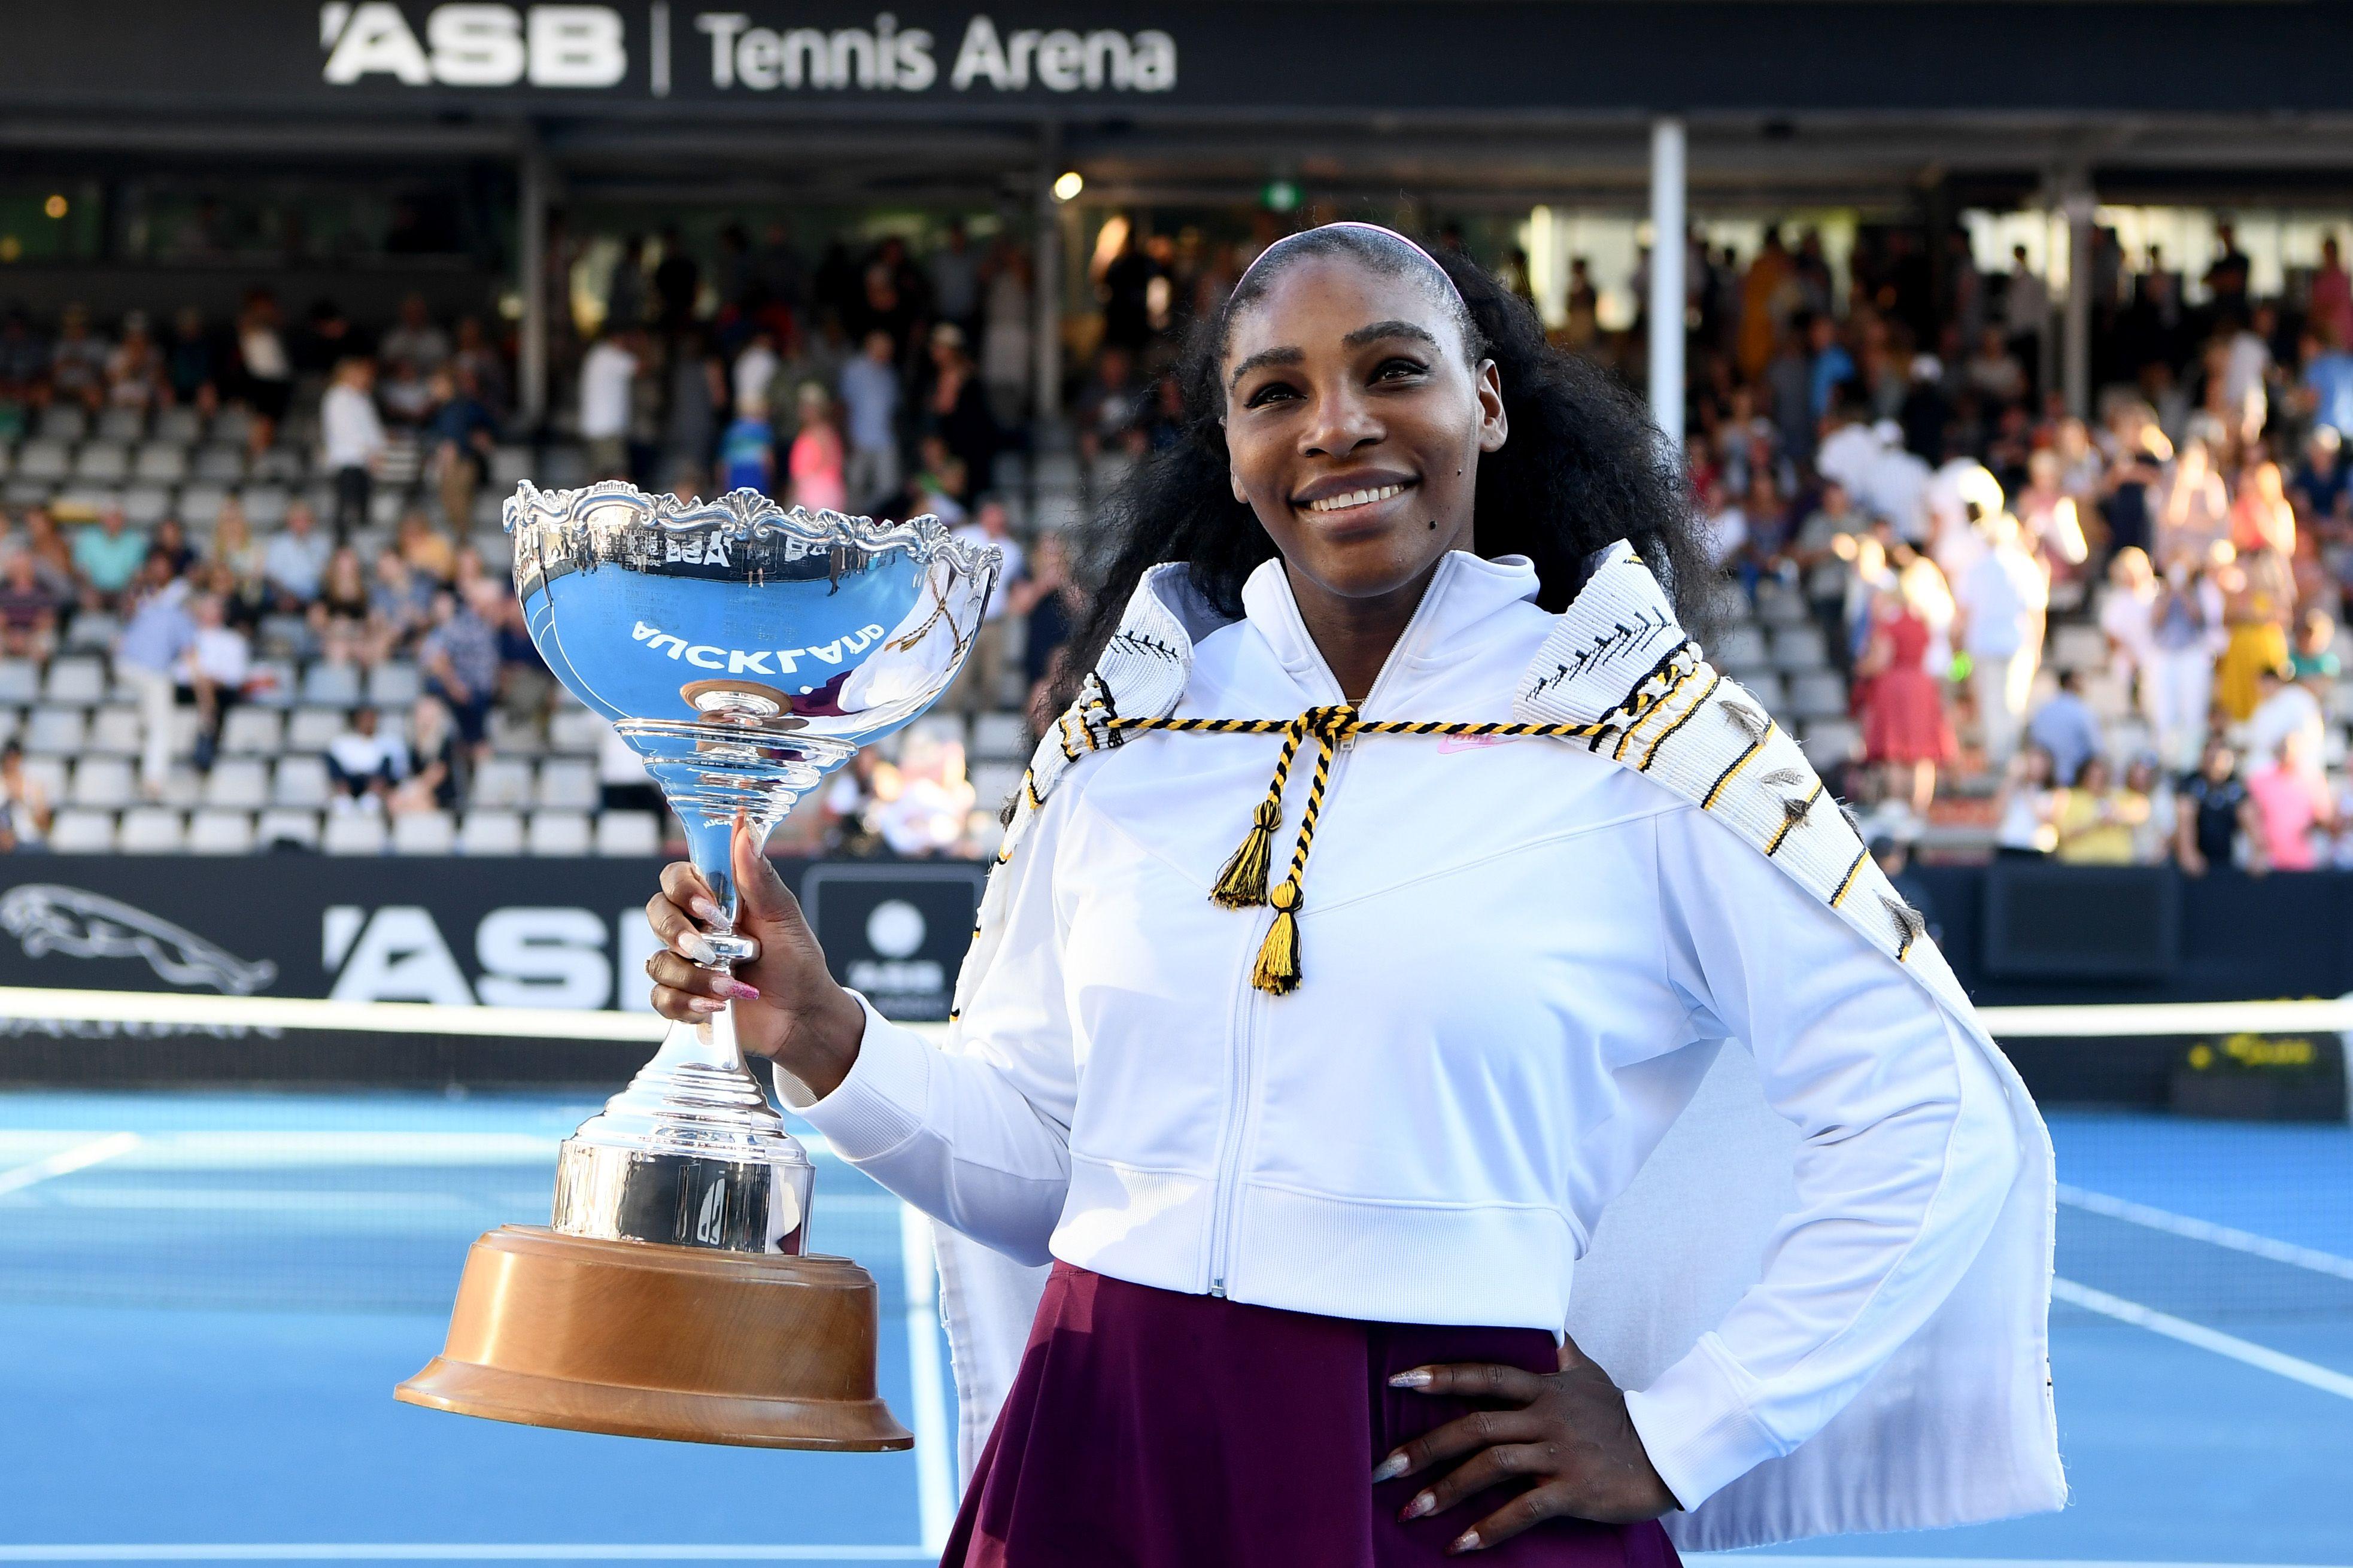 Serena Williams Donates Tennis Prize Money To Australia